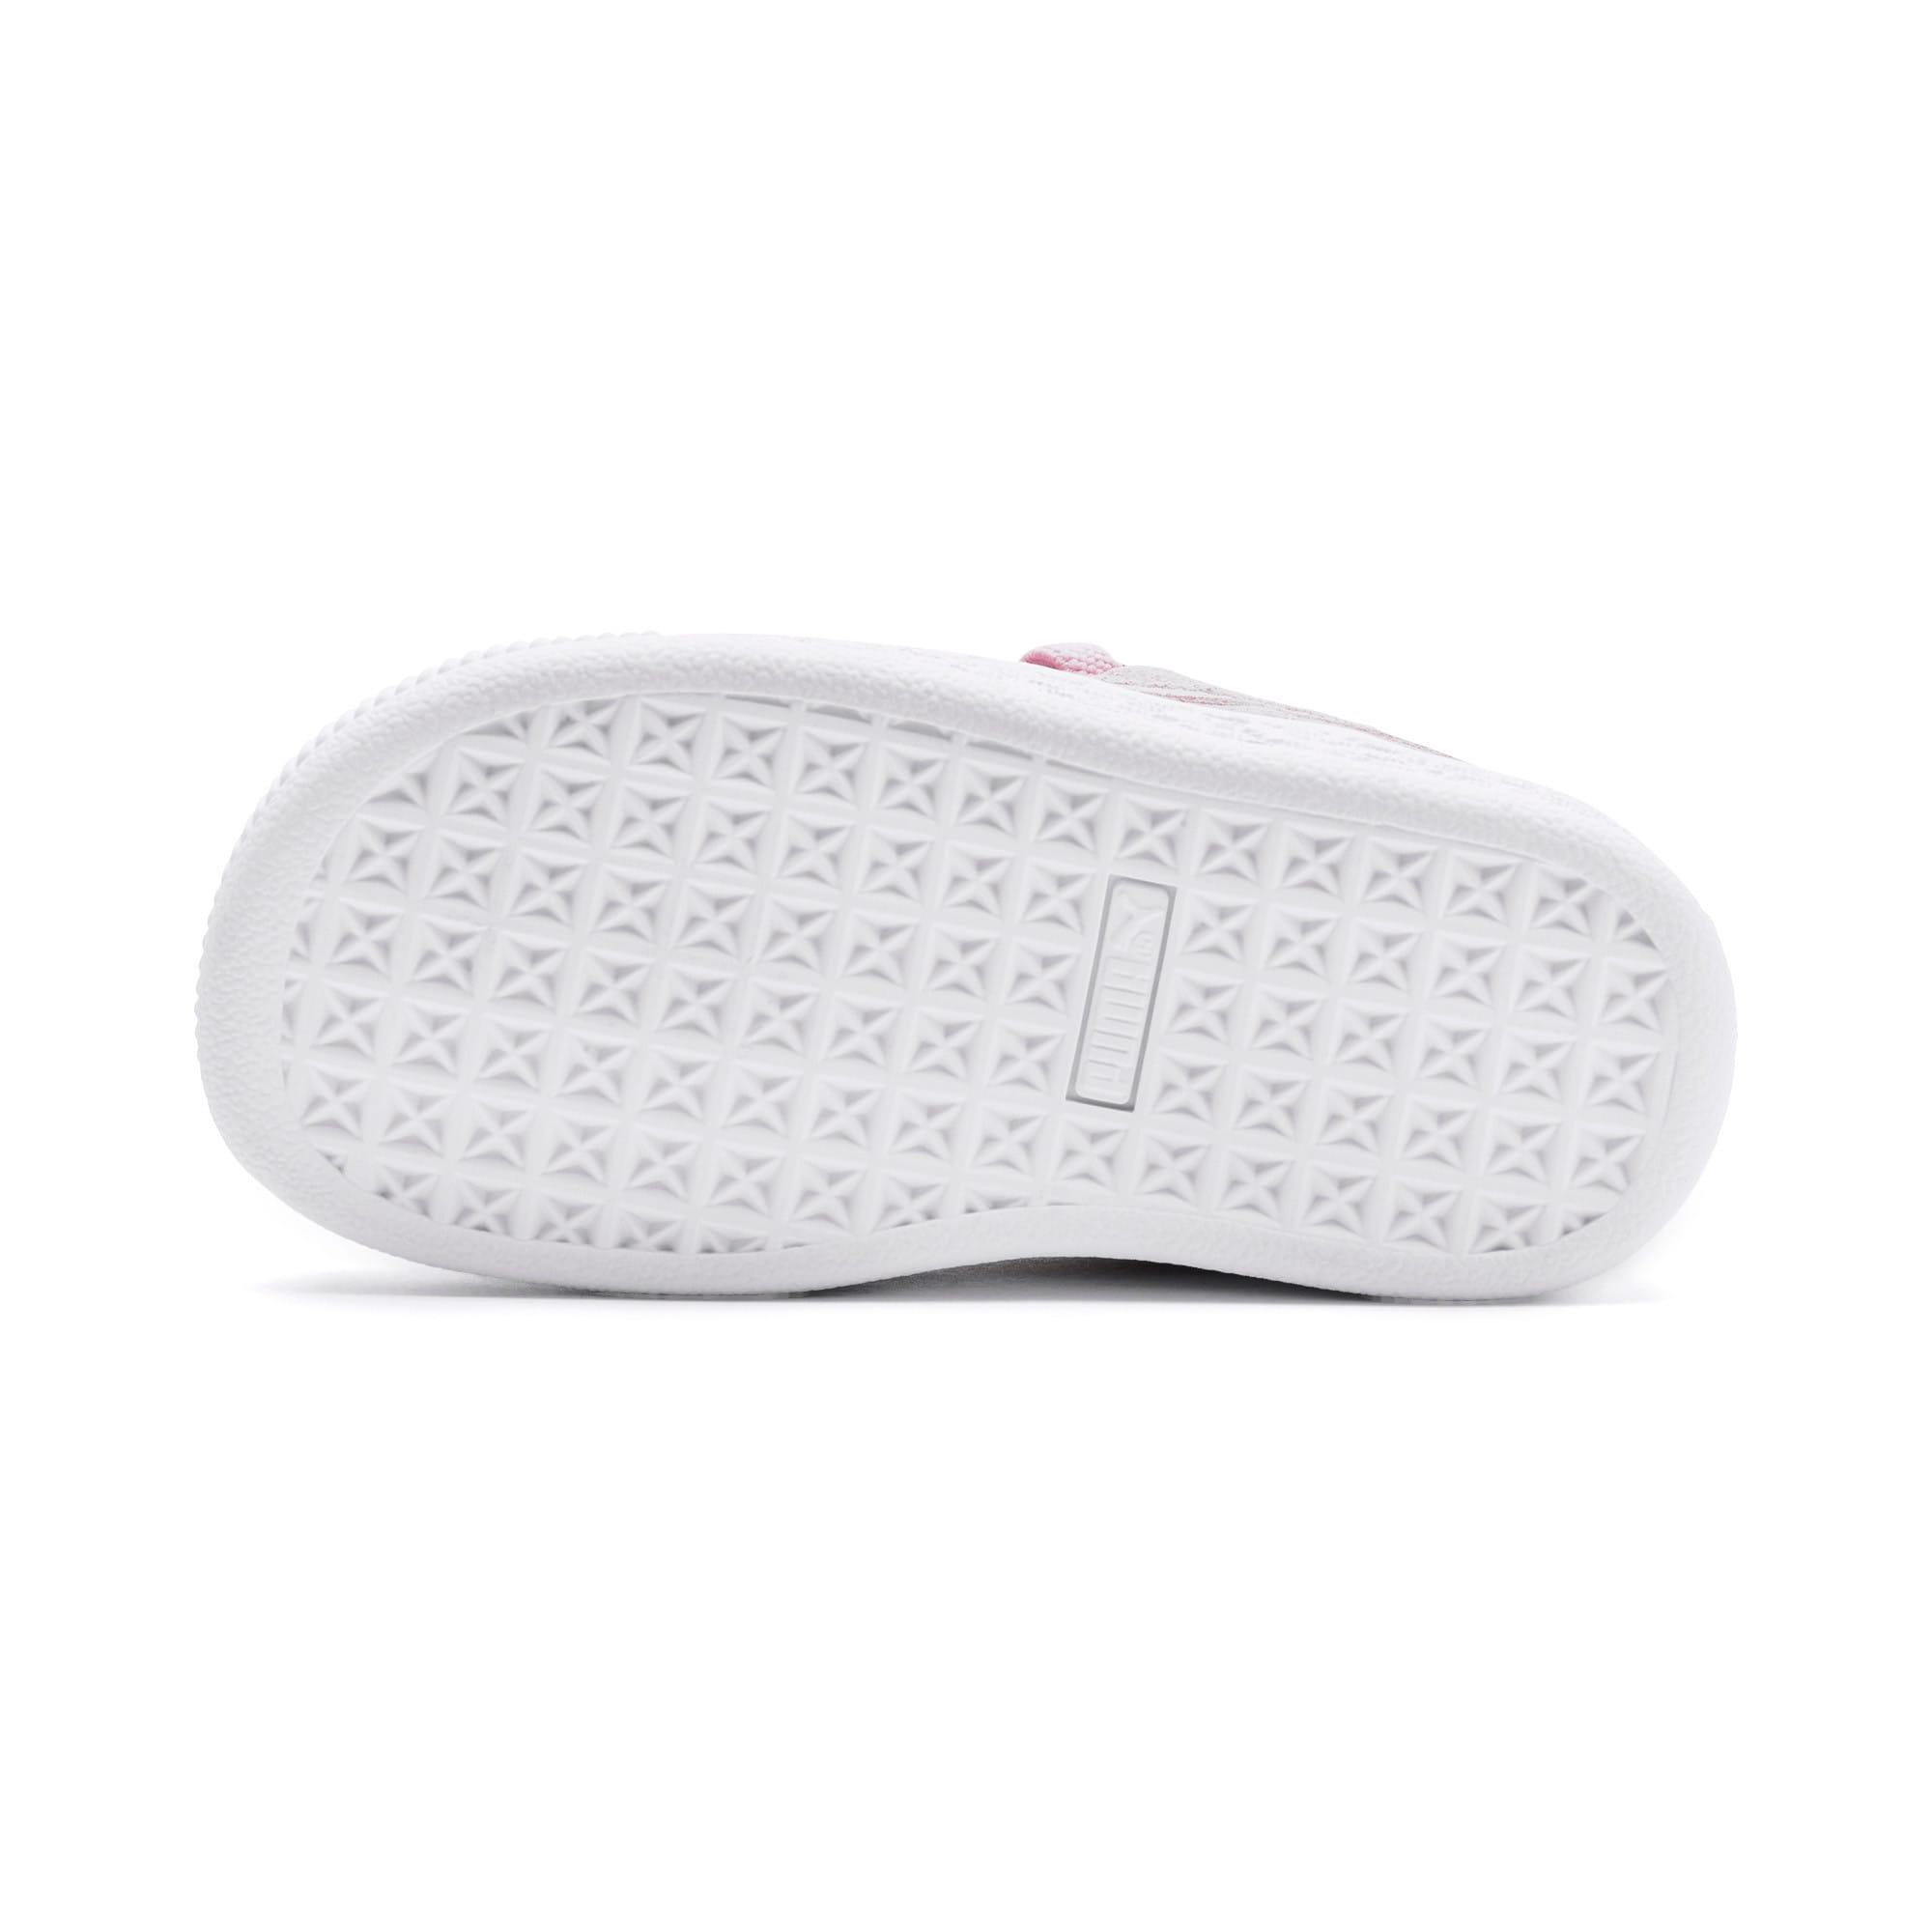 Miniatura 4 de Zapatos Suede Crush AC para niños pequeños, Pale Pink-Puma Silver, mediano